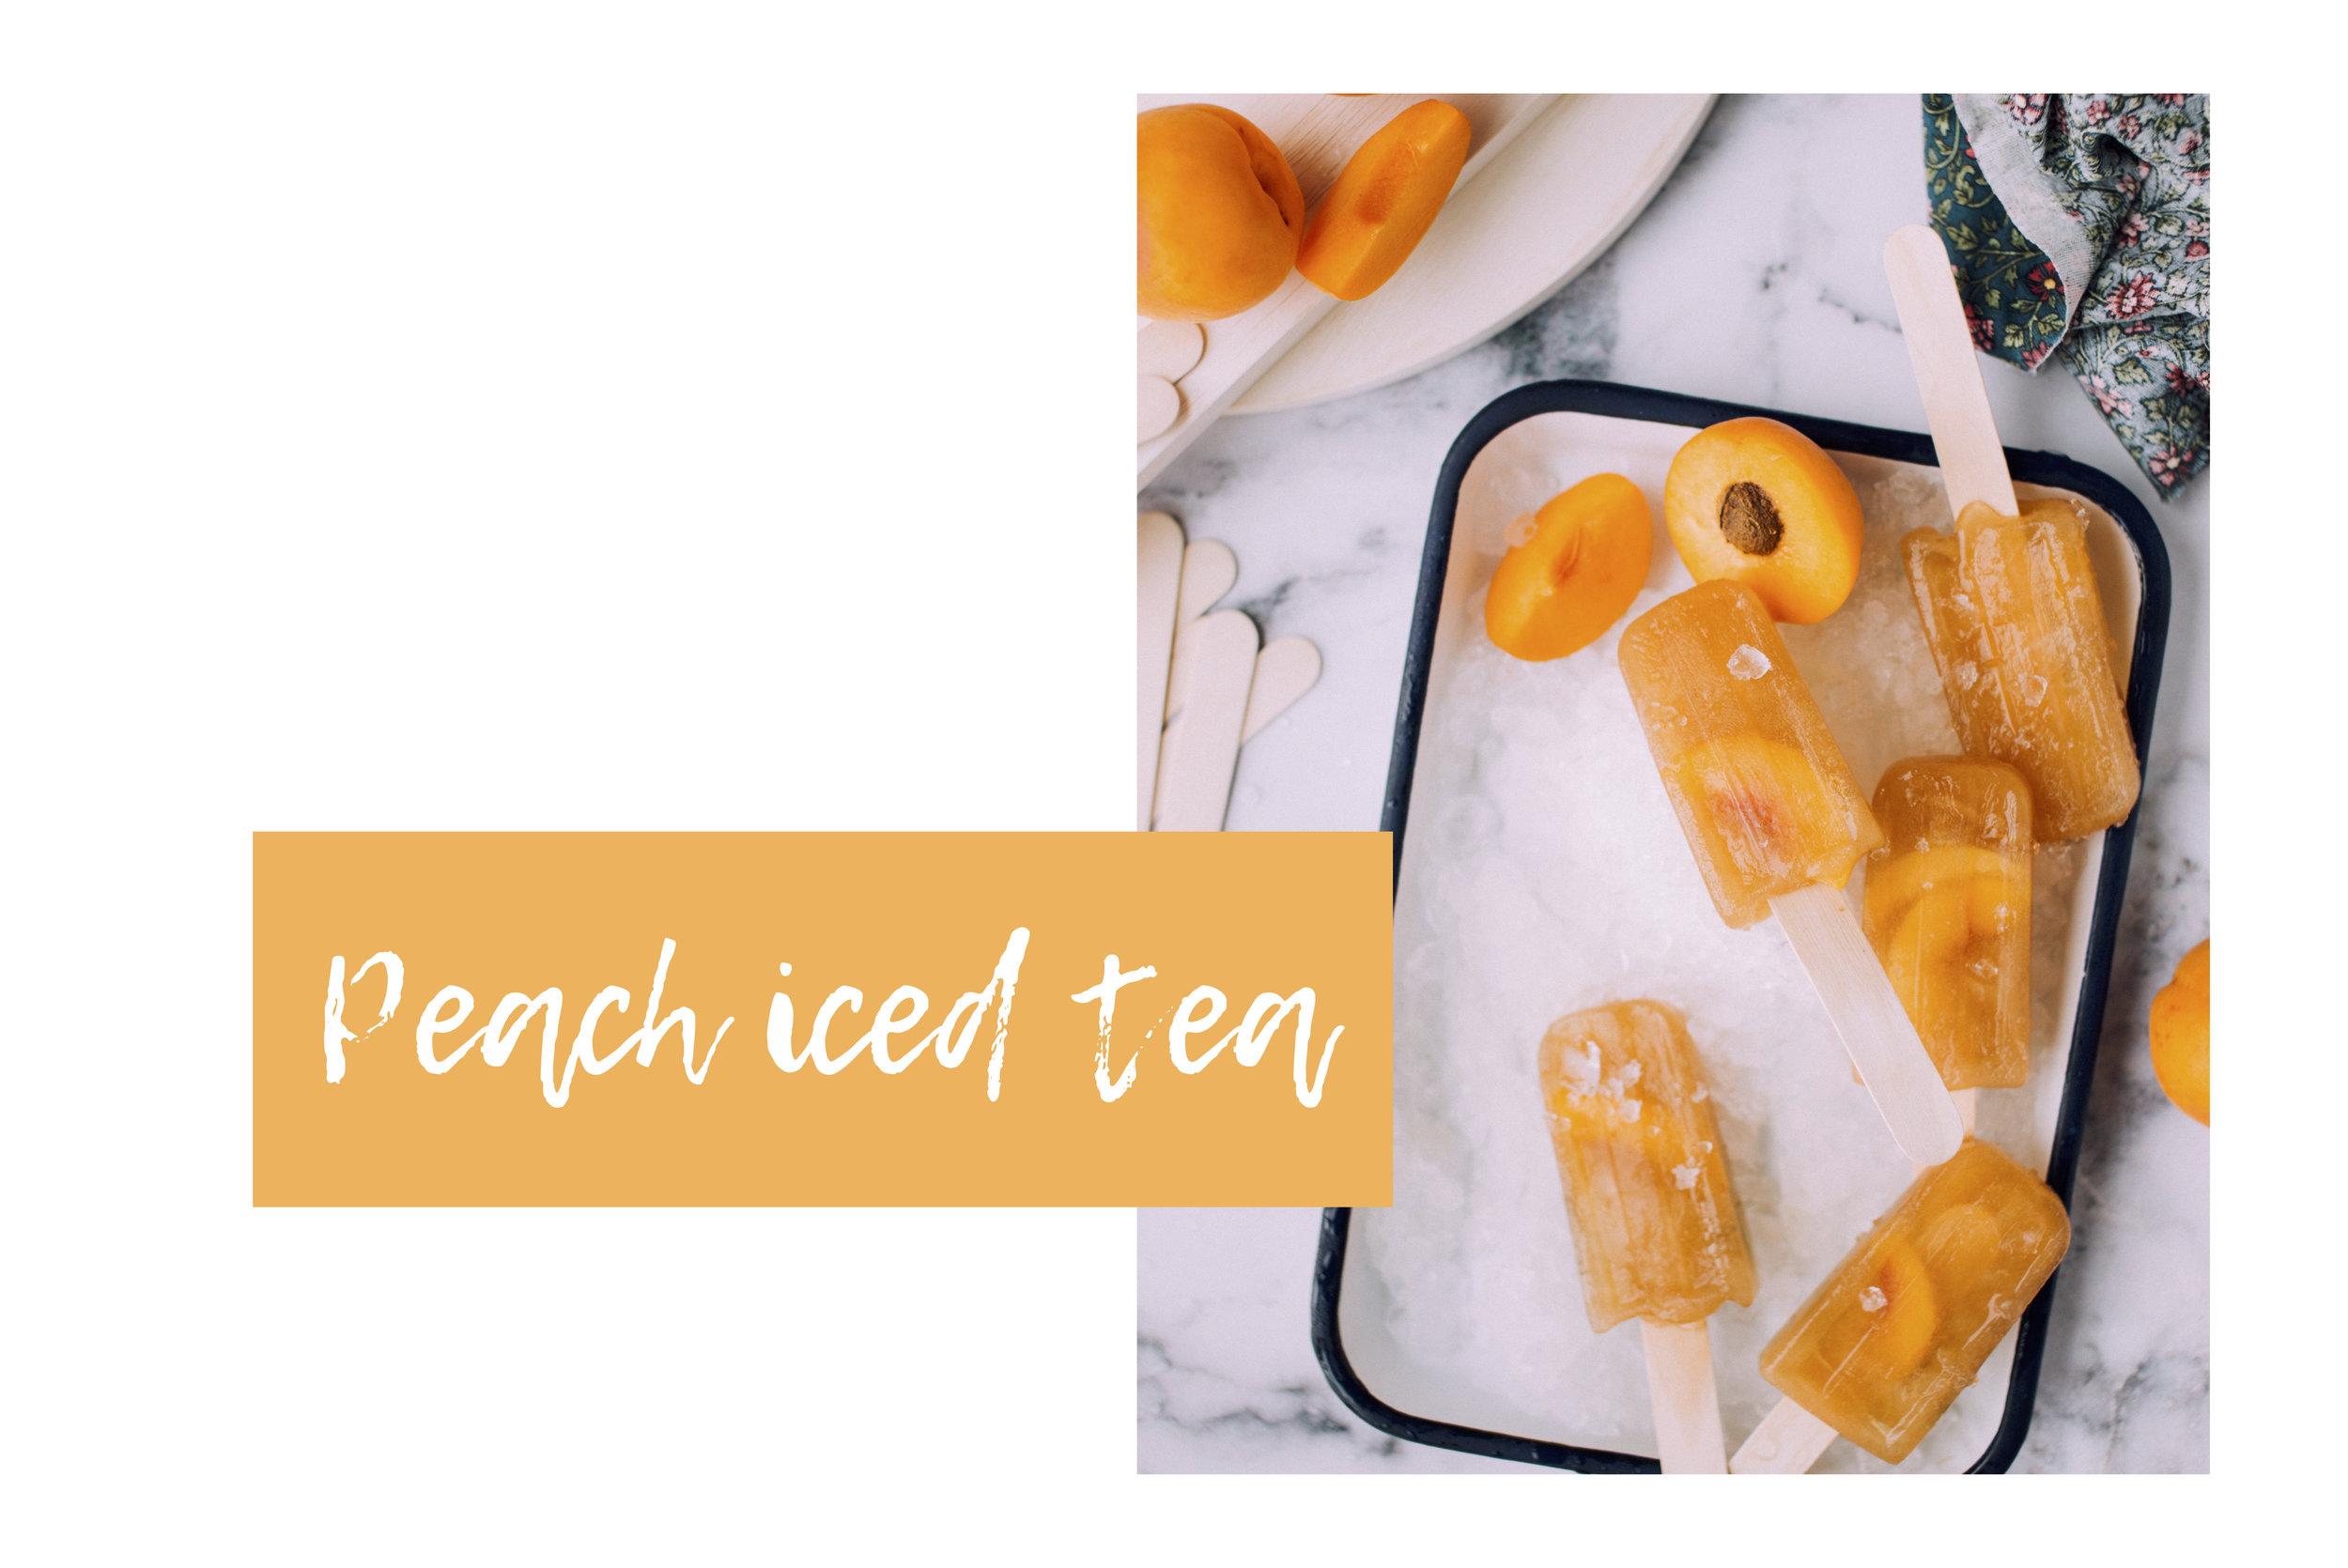 peach iced tea.jpg